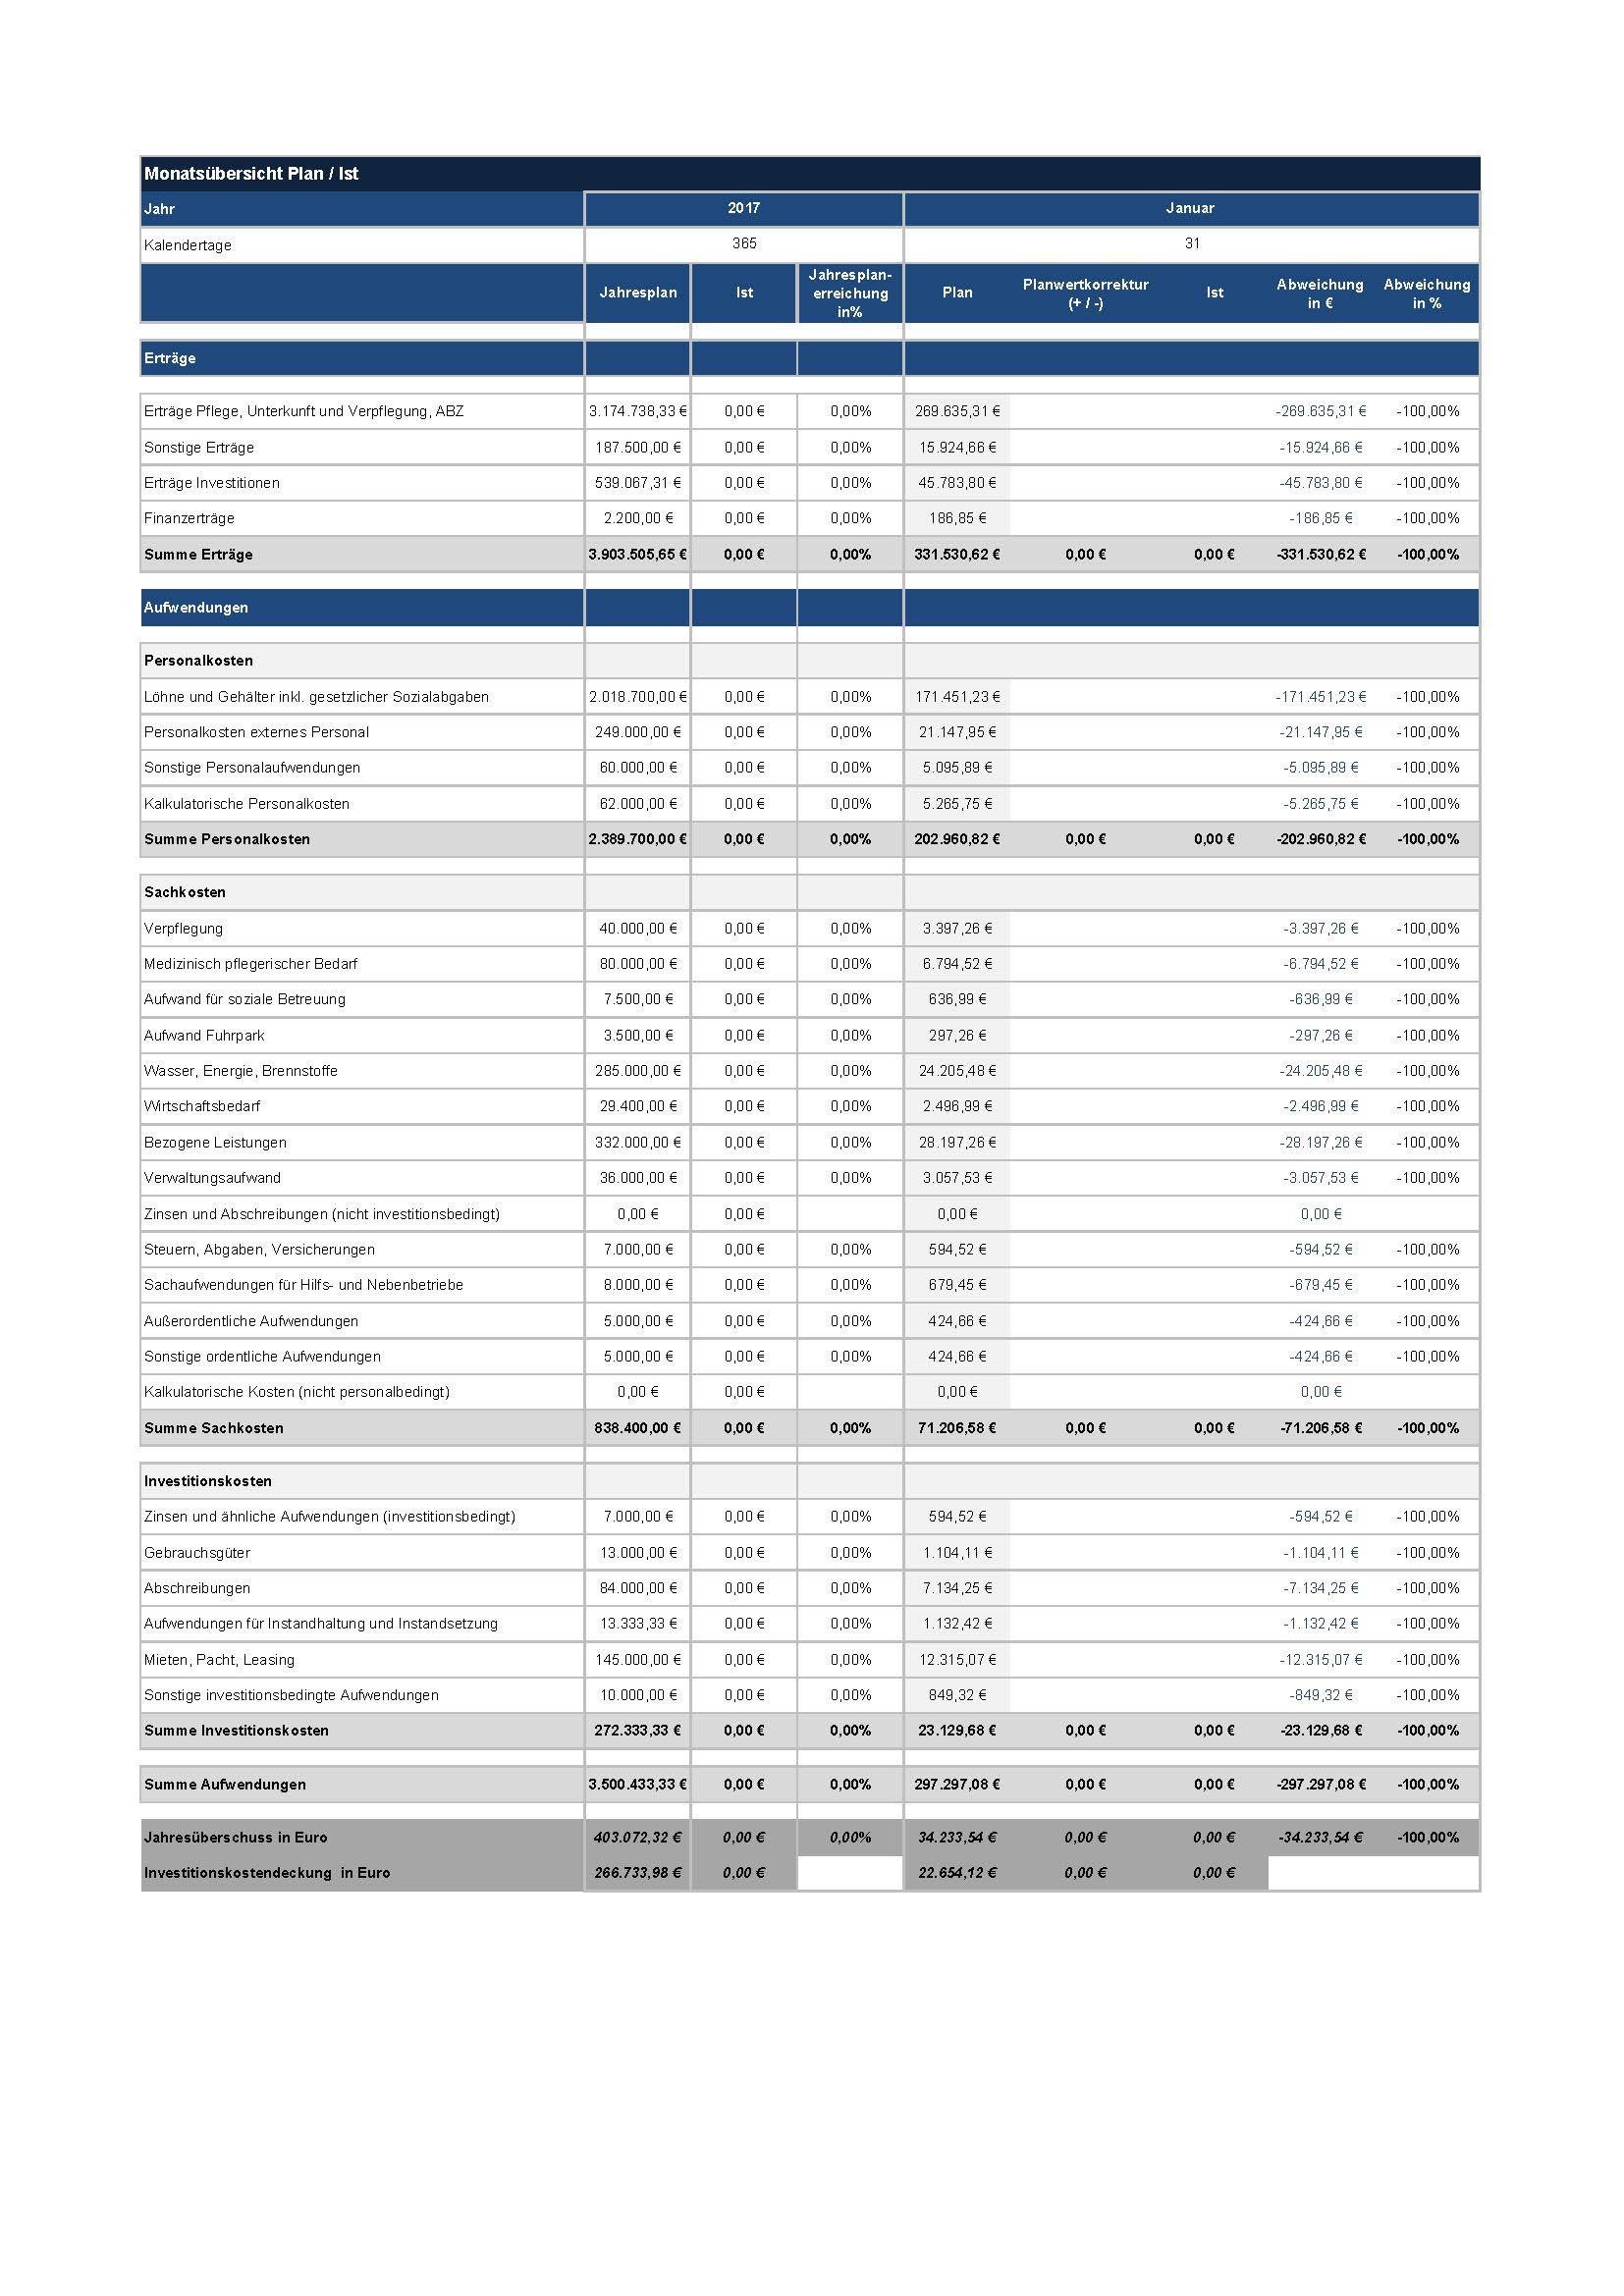 Businessplan, Wirtschaftsplanung stationäre Pflege 2017 in Excel